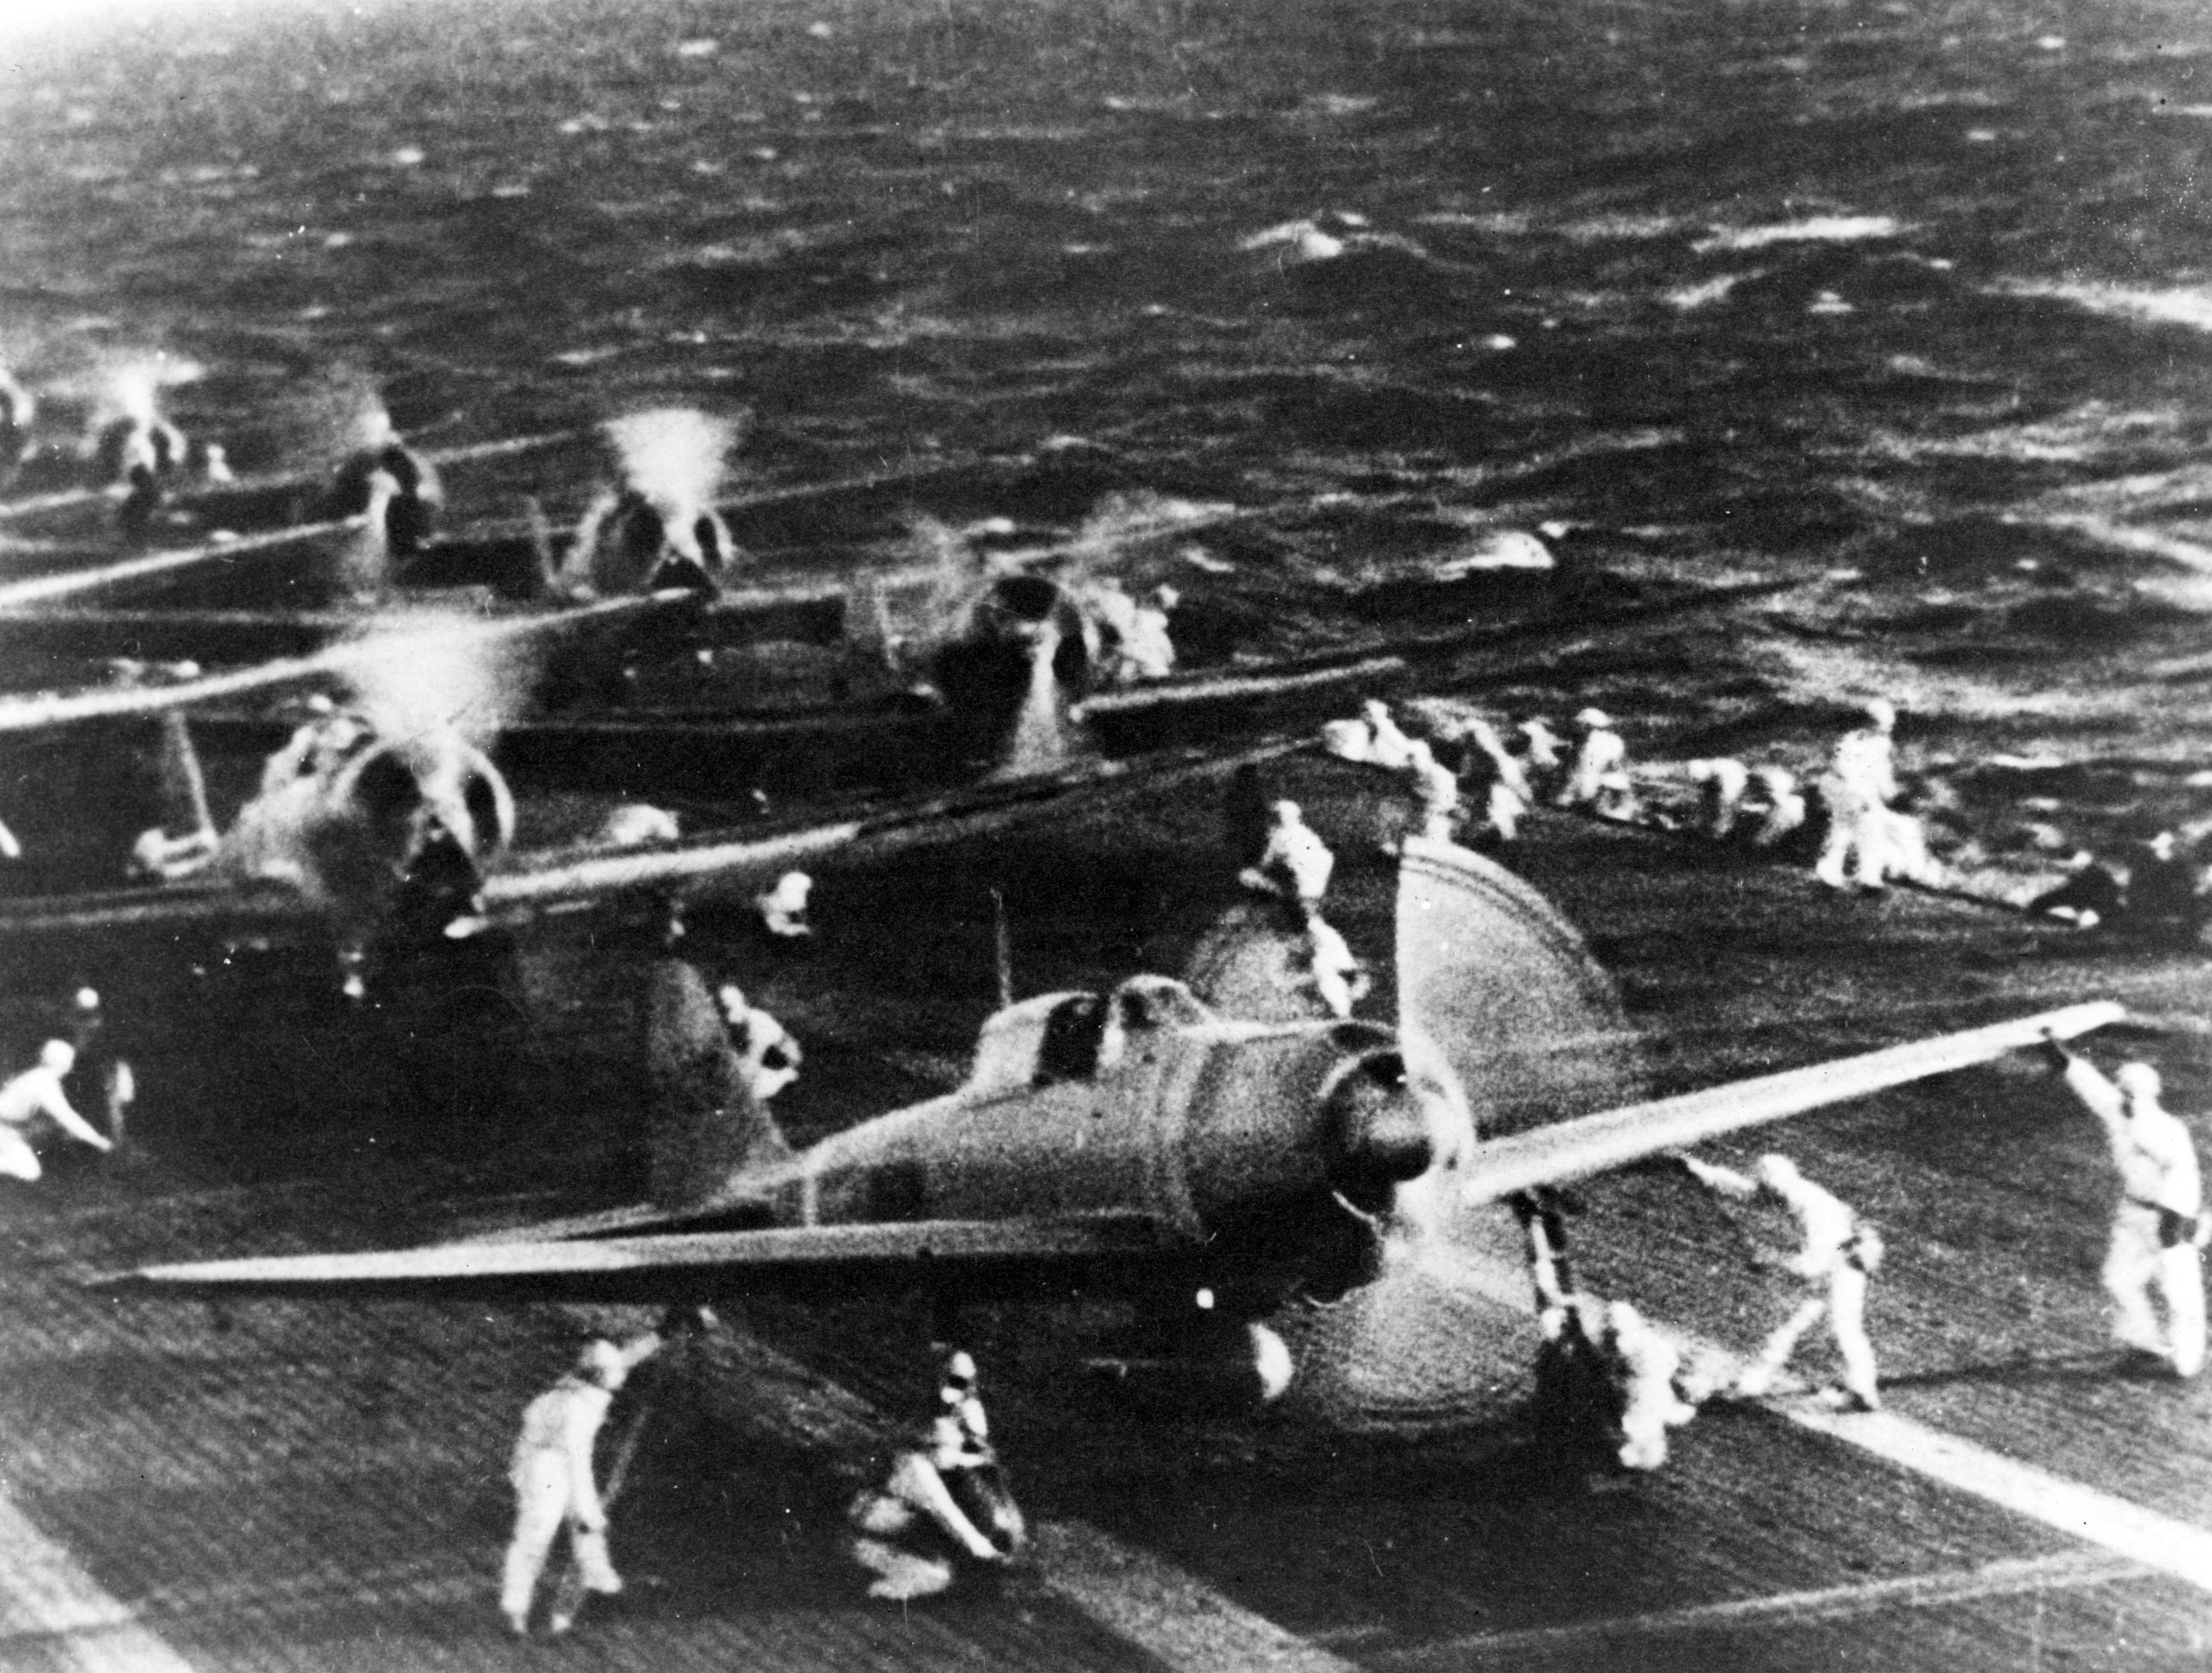 空母「翔鶴」(しょうかく)から真珠湾へ飛び立とうとする日本軍機